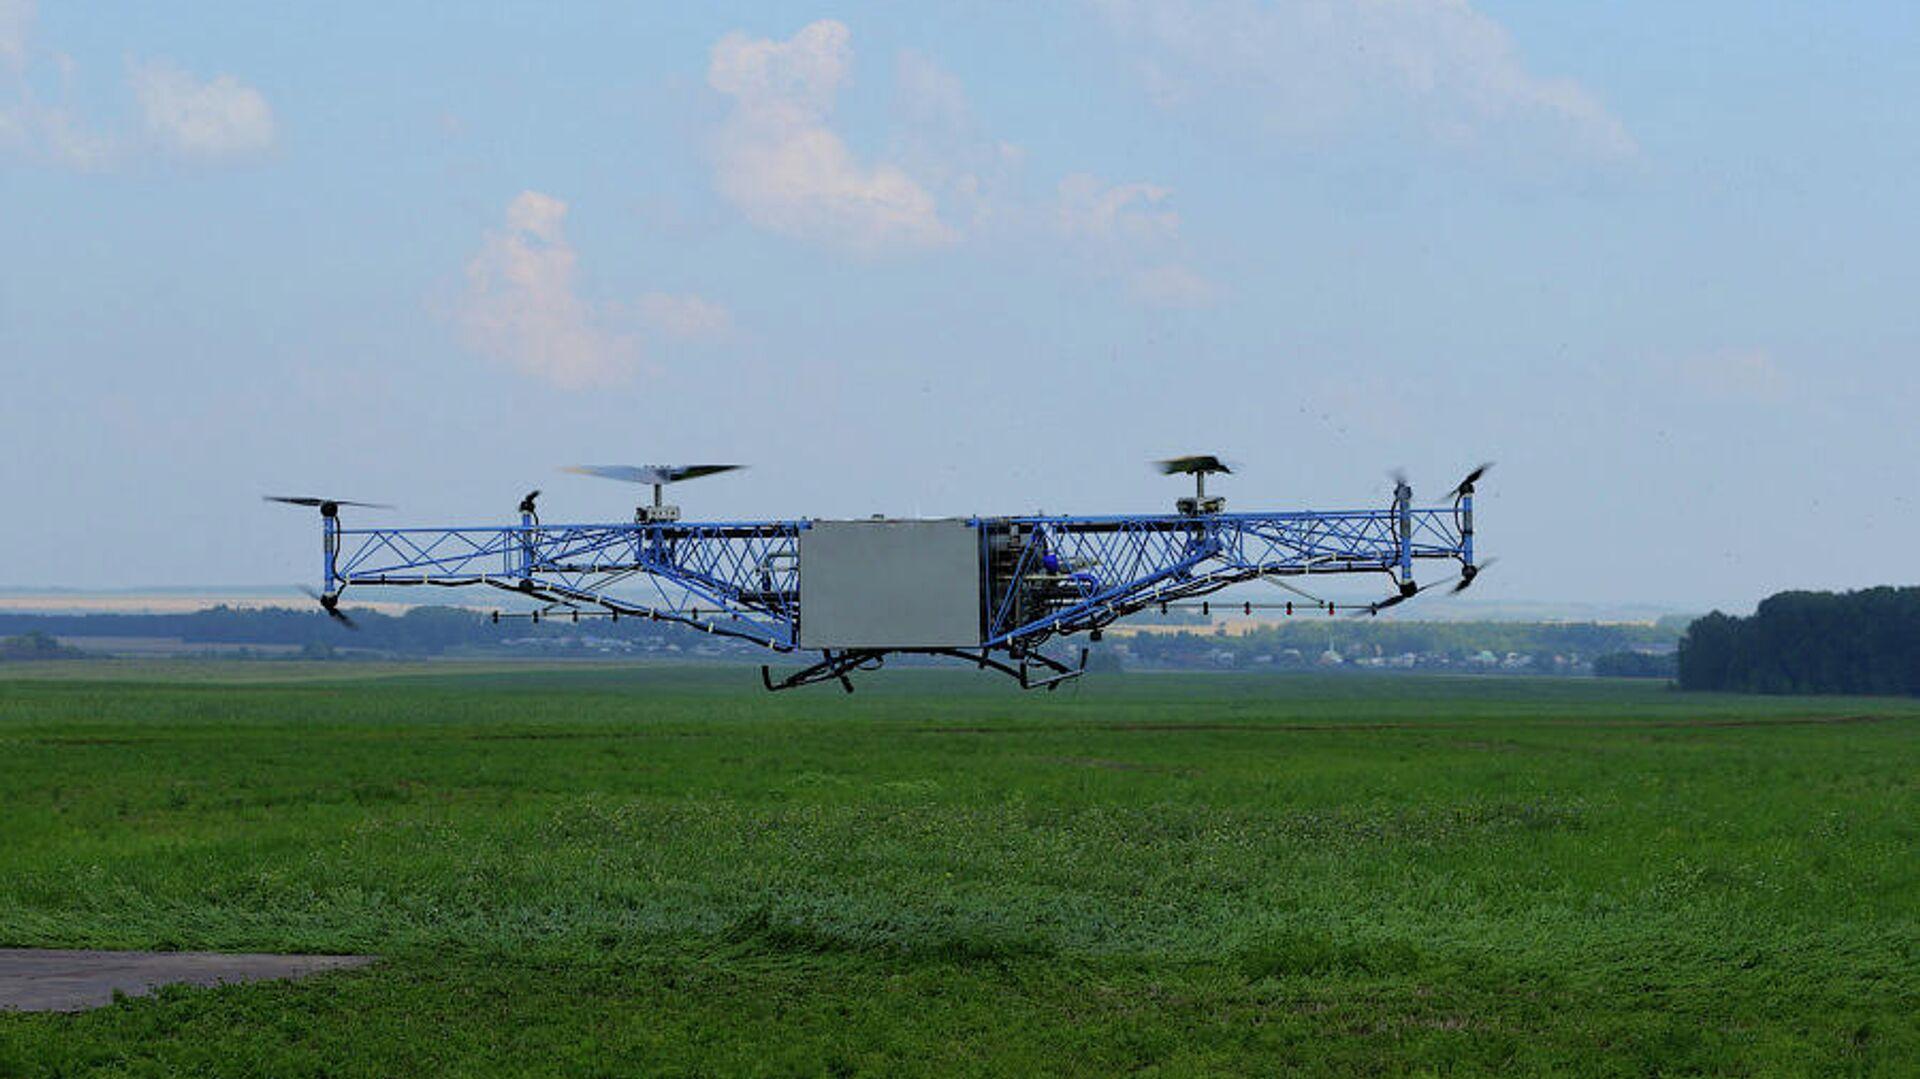 Тяжёлый беспилотник вертикального взлёта BRAERON - РИА Новости, 1920, 10.09.2020